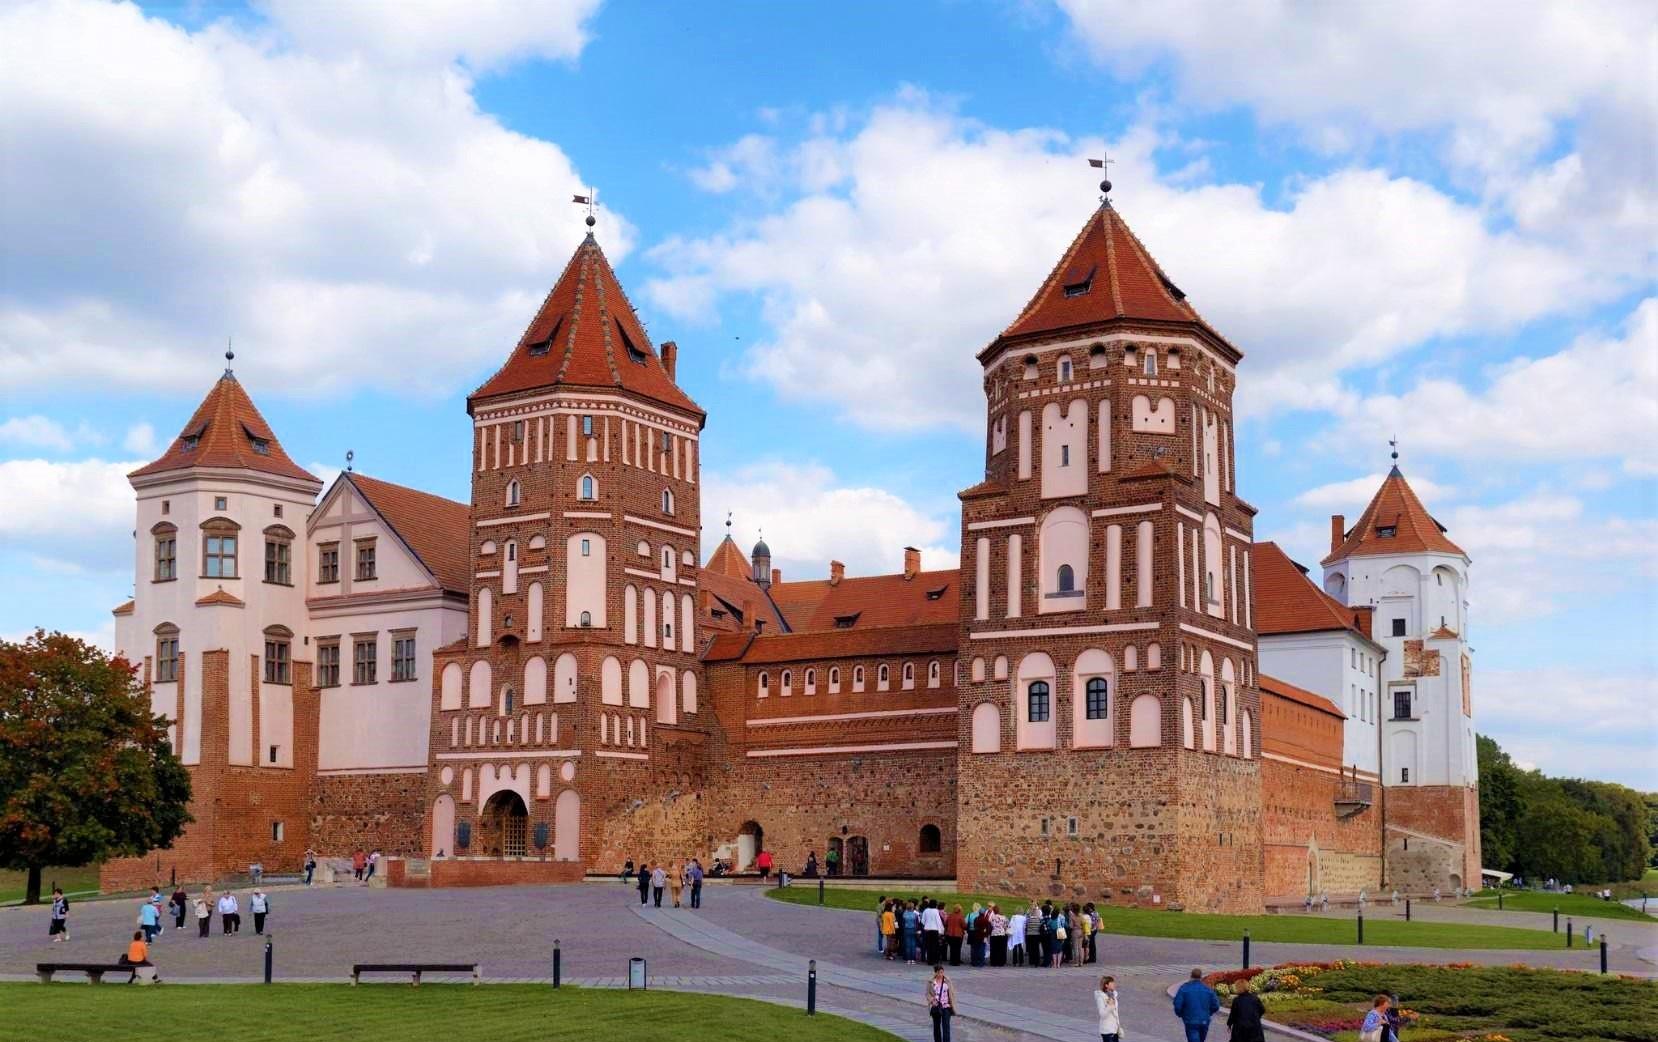 قصر تاریخیmir castle، مشهورترین مکان گردشگری مینسک